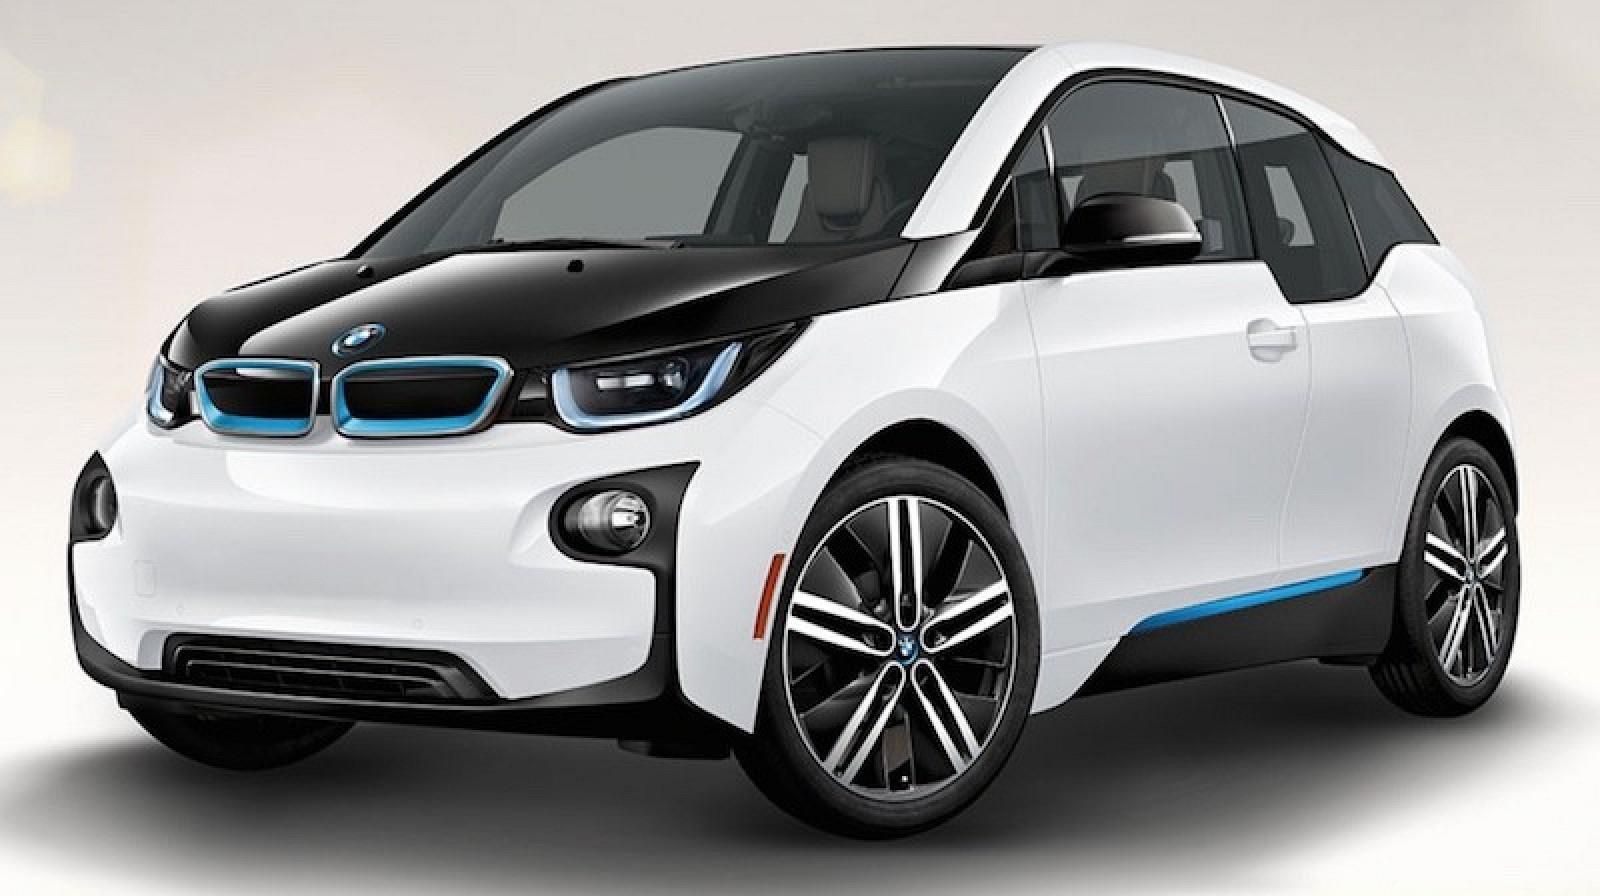 Apple Car Development Speeds Up 2019 Launch Date Targeted